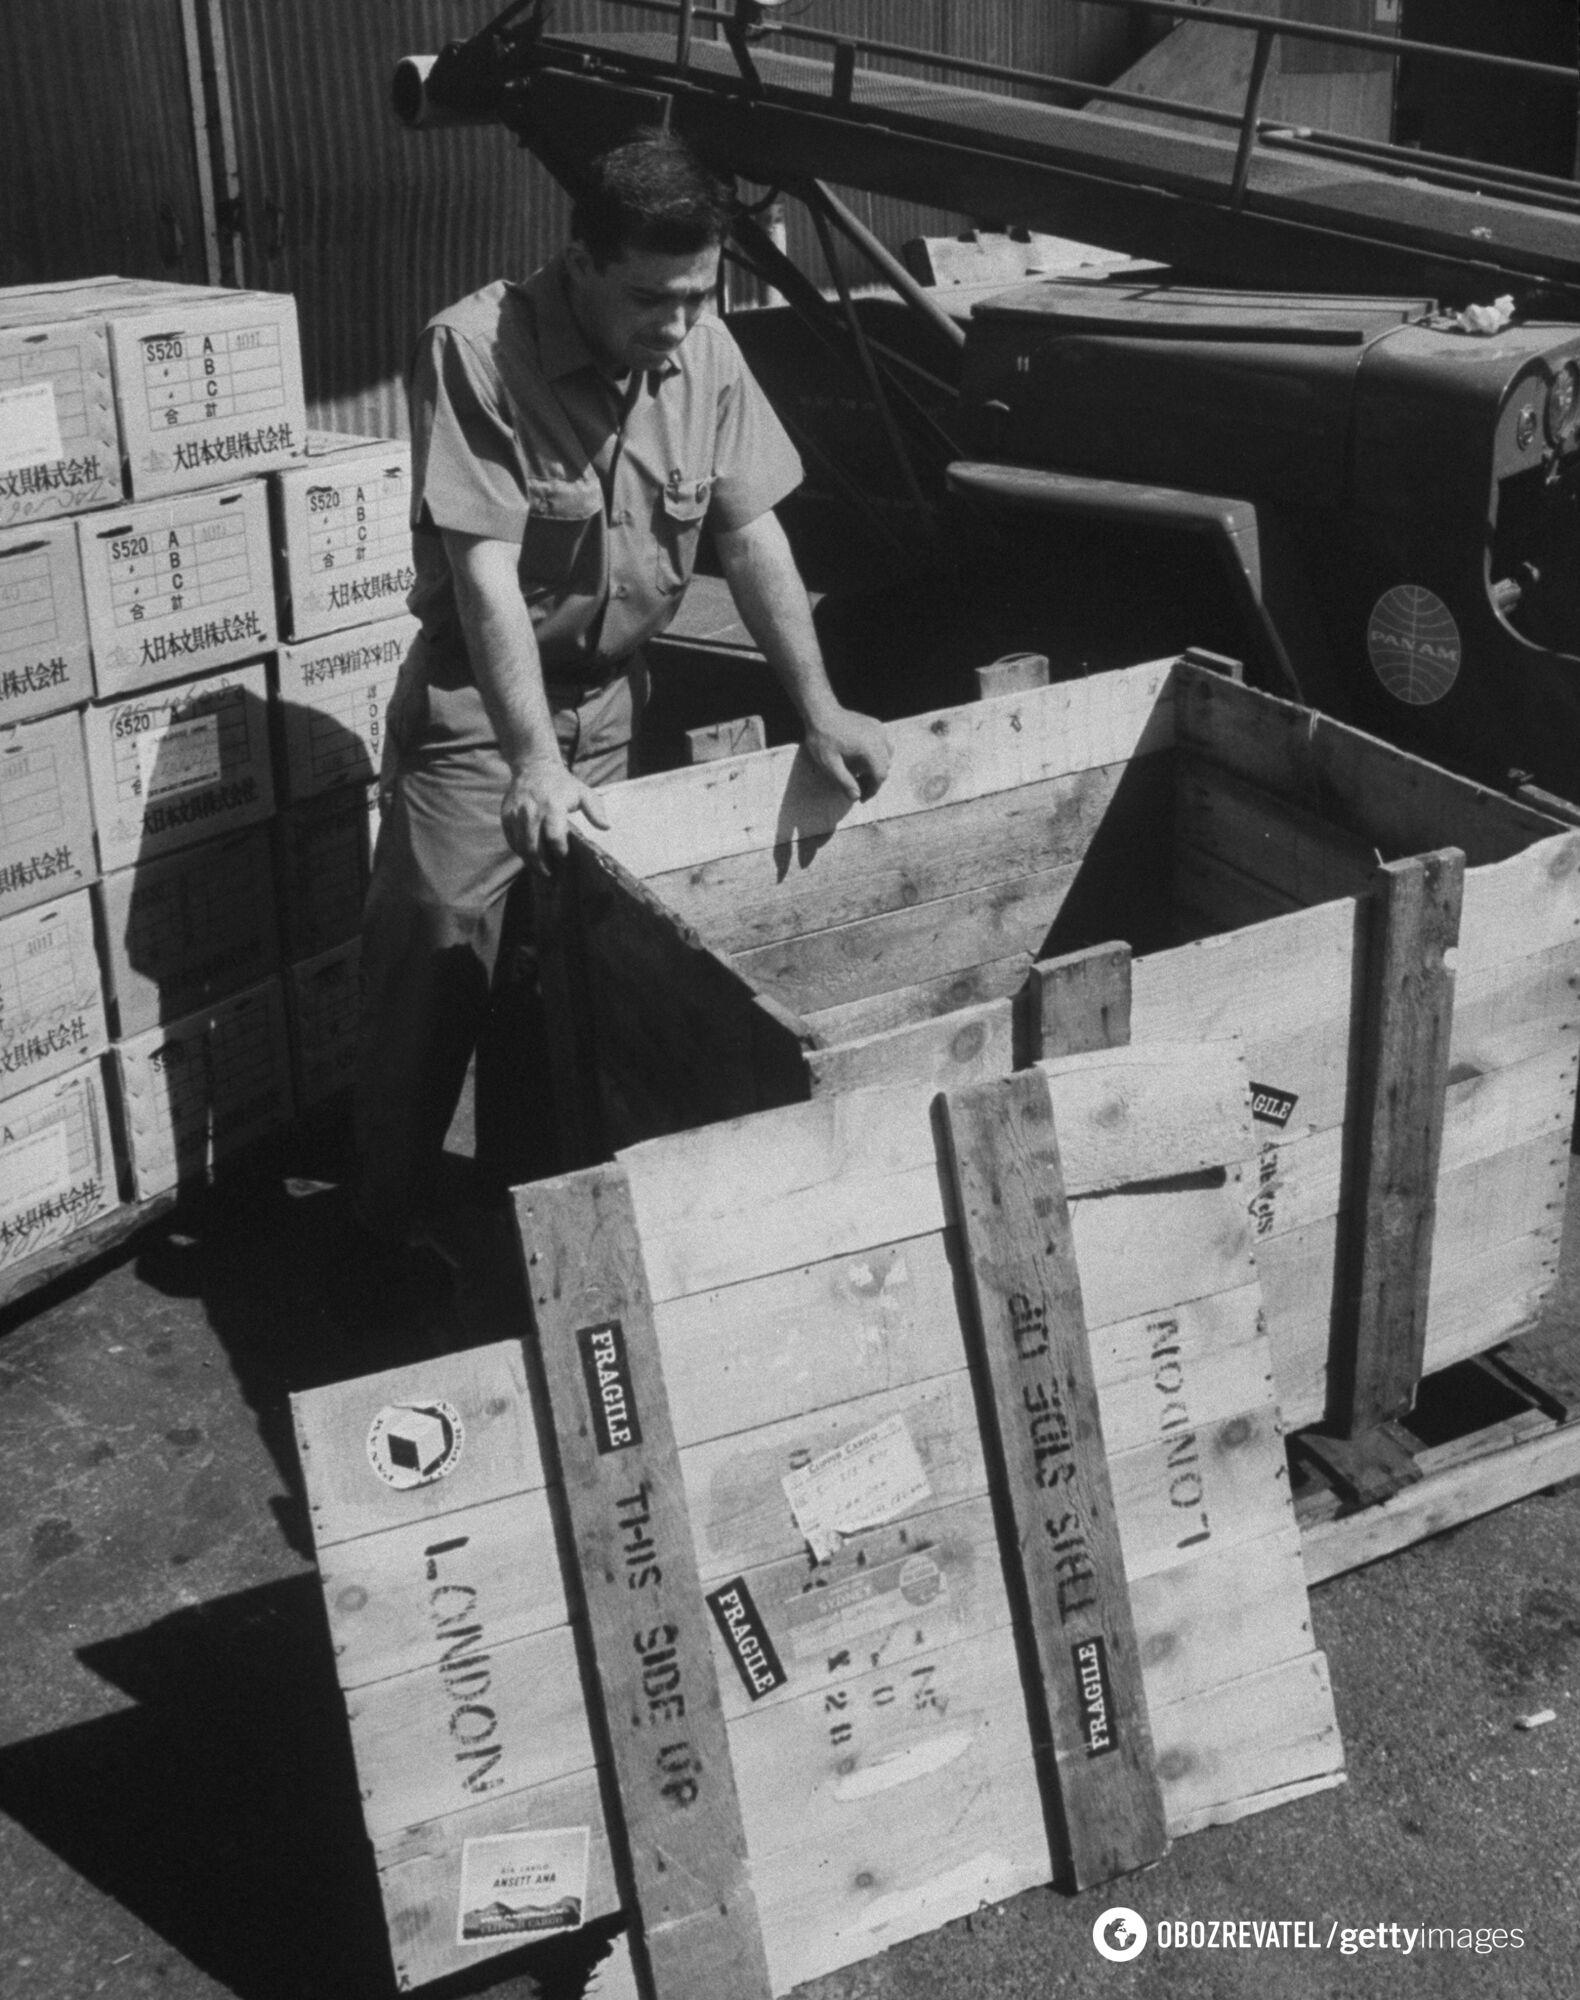 Представник авіакомпанії Pan American World Airways Гері Гетч дивиться на ящик, із якого він звільнив безквиткового пасажира Браяна Робсона